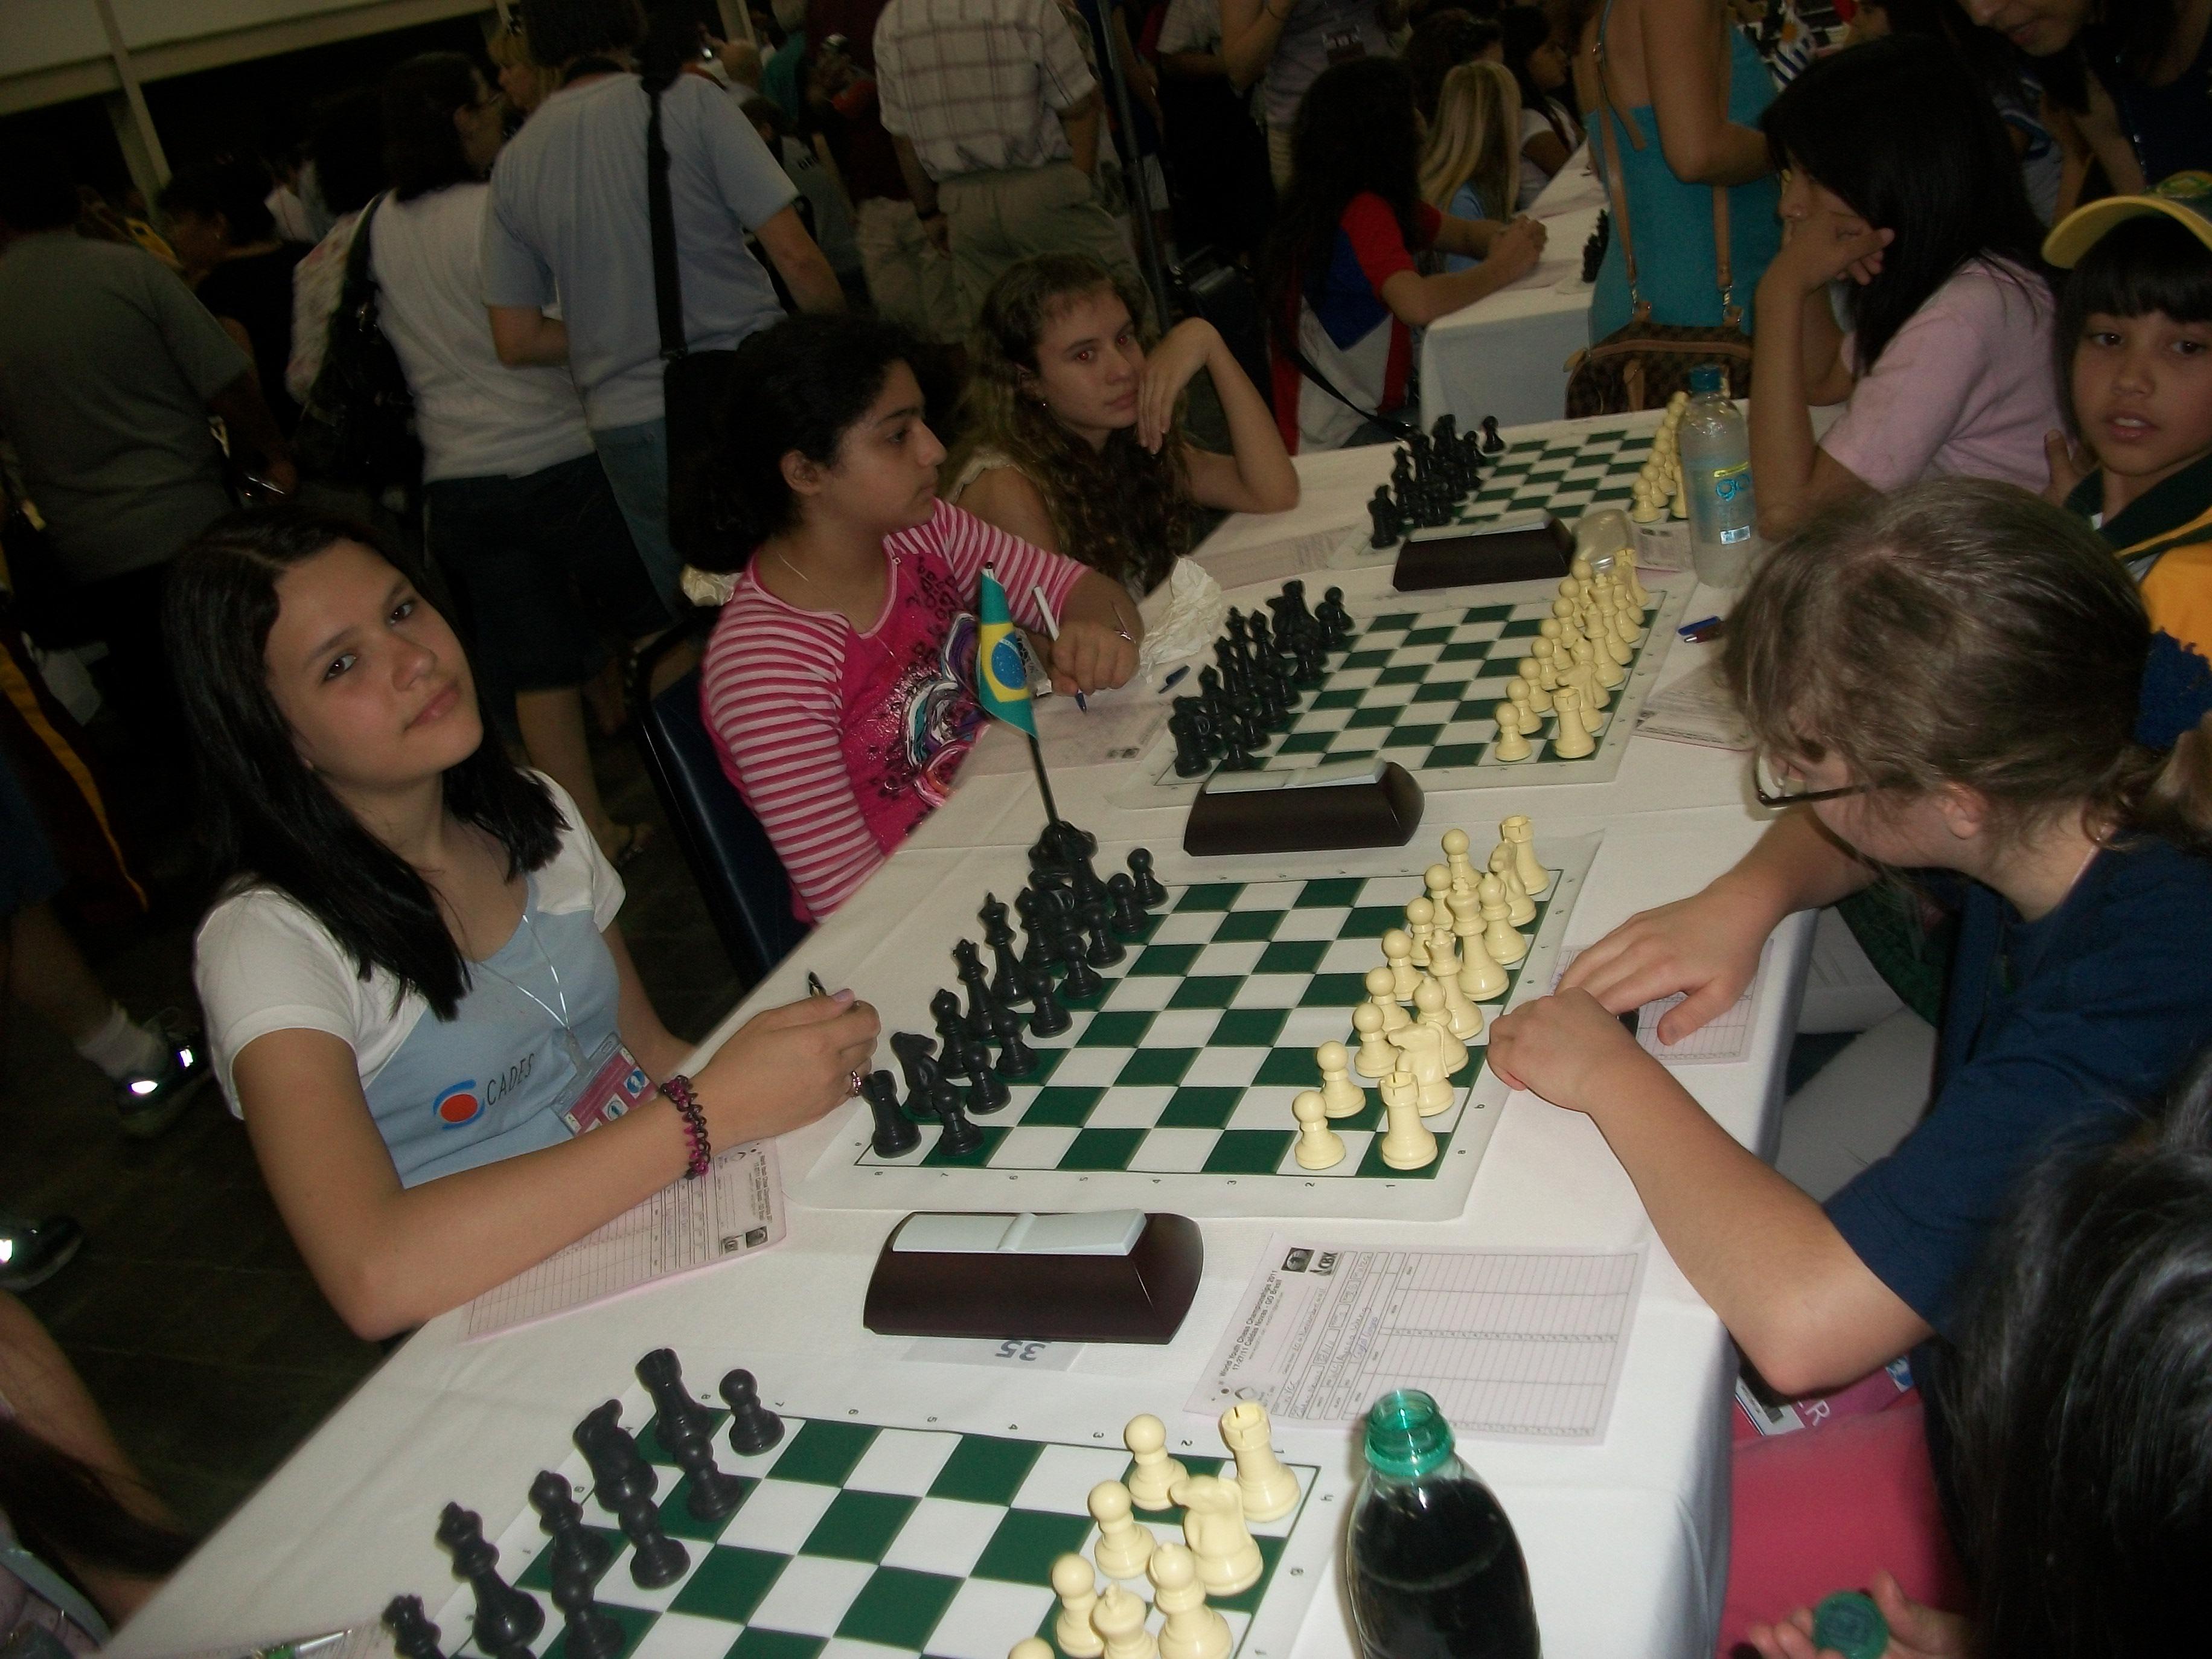 Aghata no Mundial Xadrez 2011